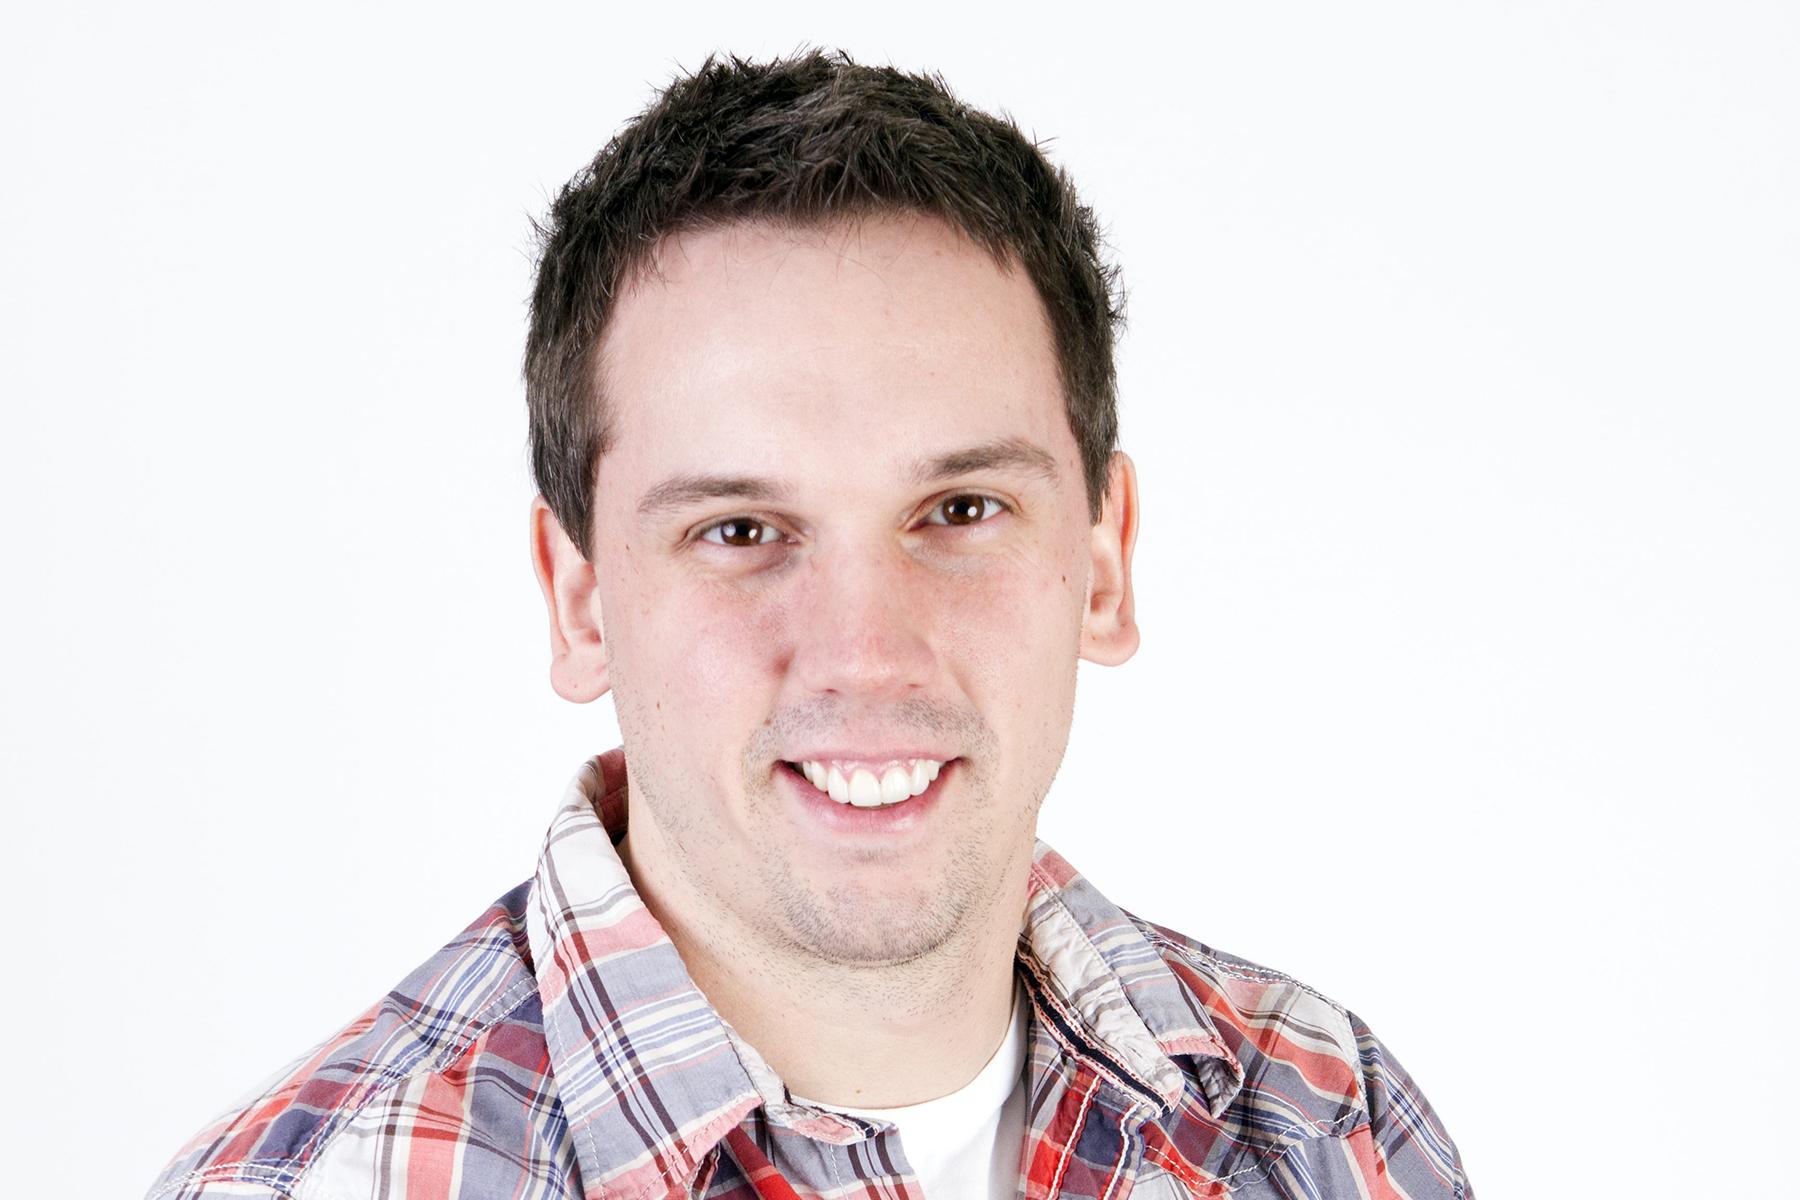 Zach (Remy) Hoesly